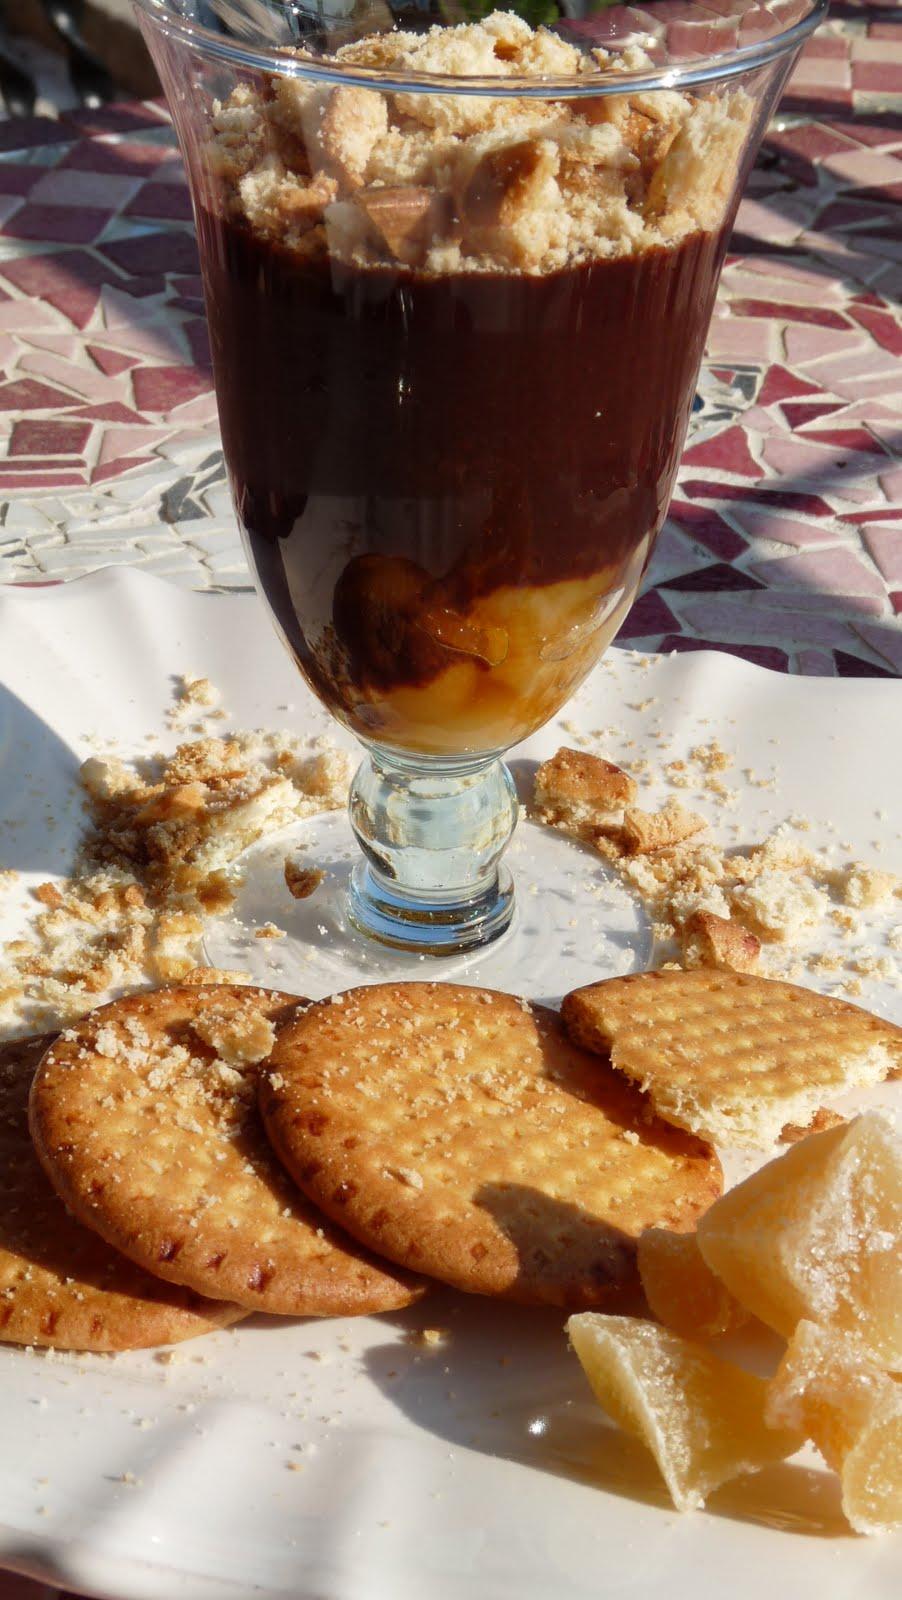 Gourmandise et cuisine janvier 2012 - Cuisine et gourmandise ...